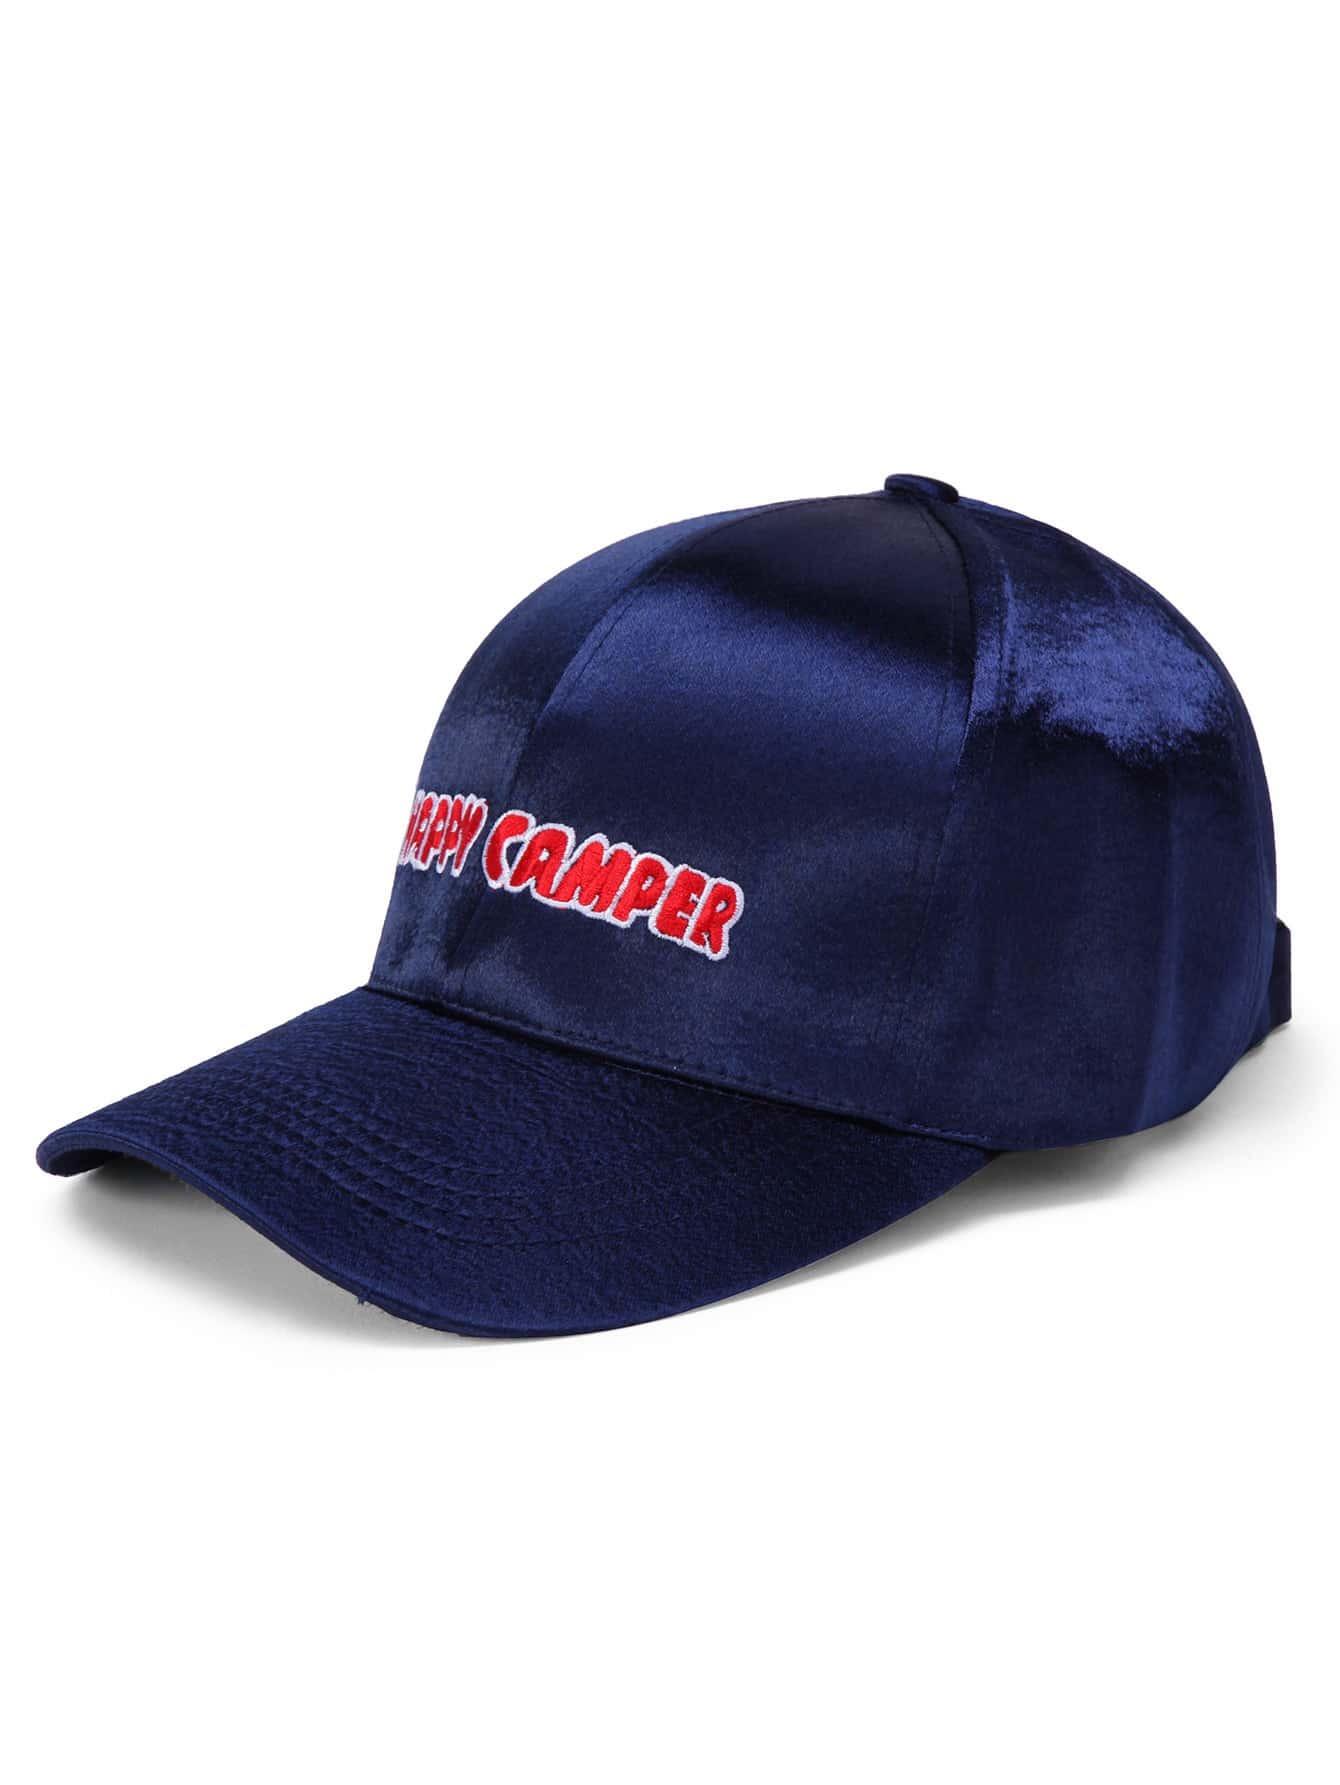 Фото Slogan Embroidery Satin Baseball Cap. Купить с доставкой